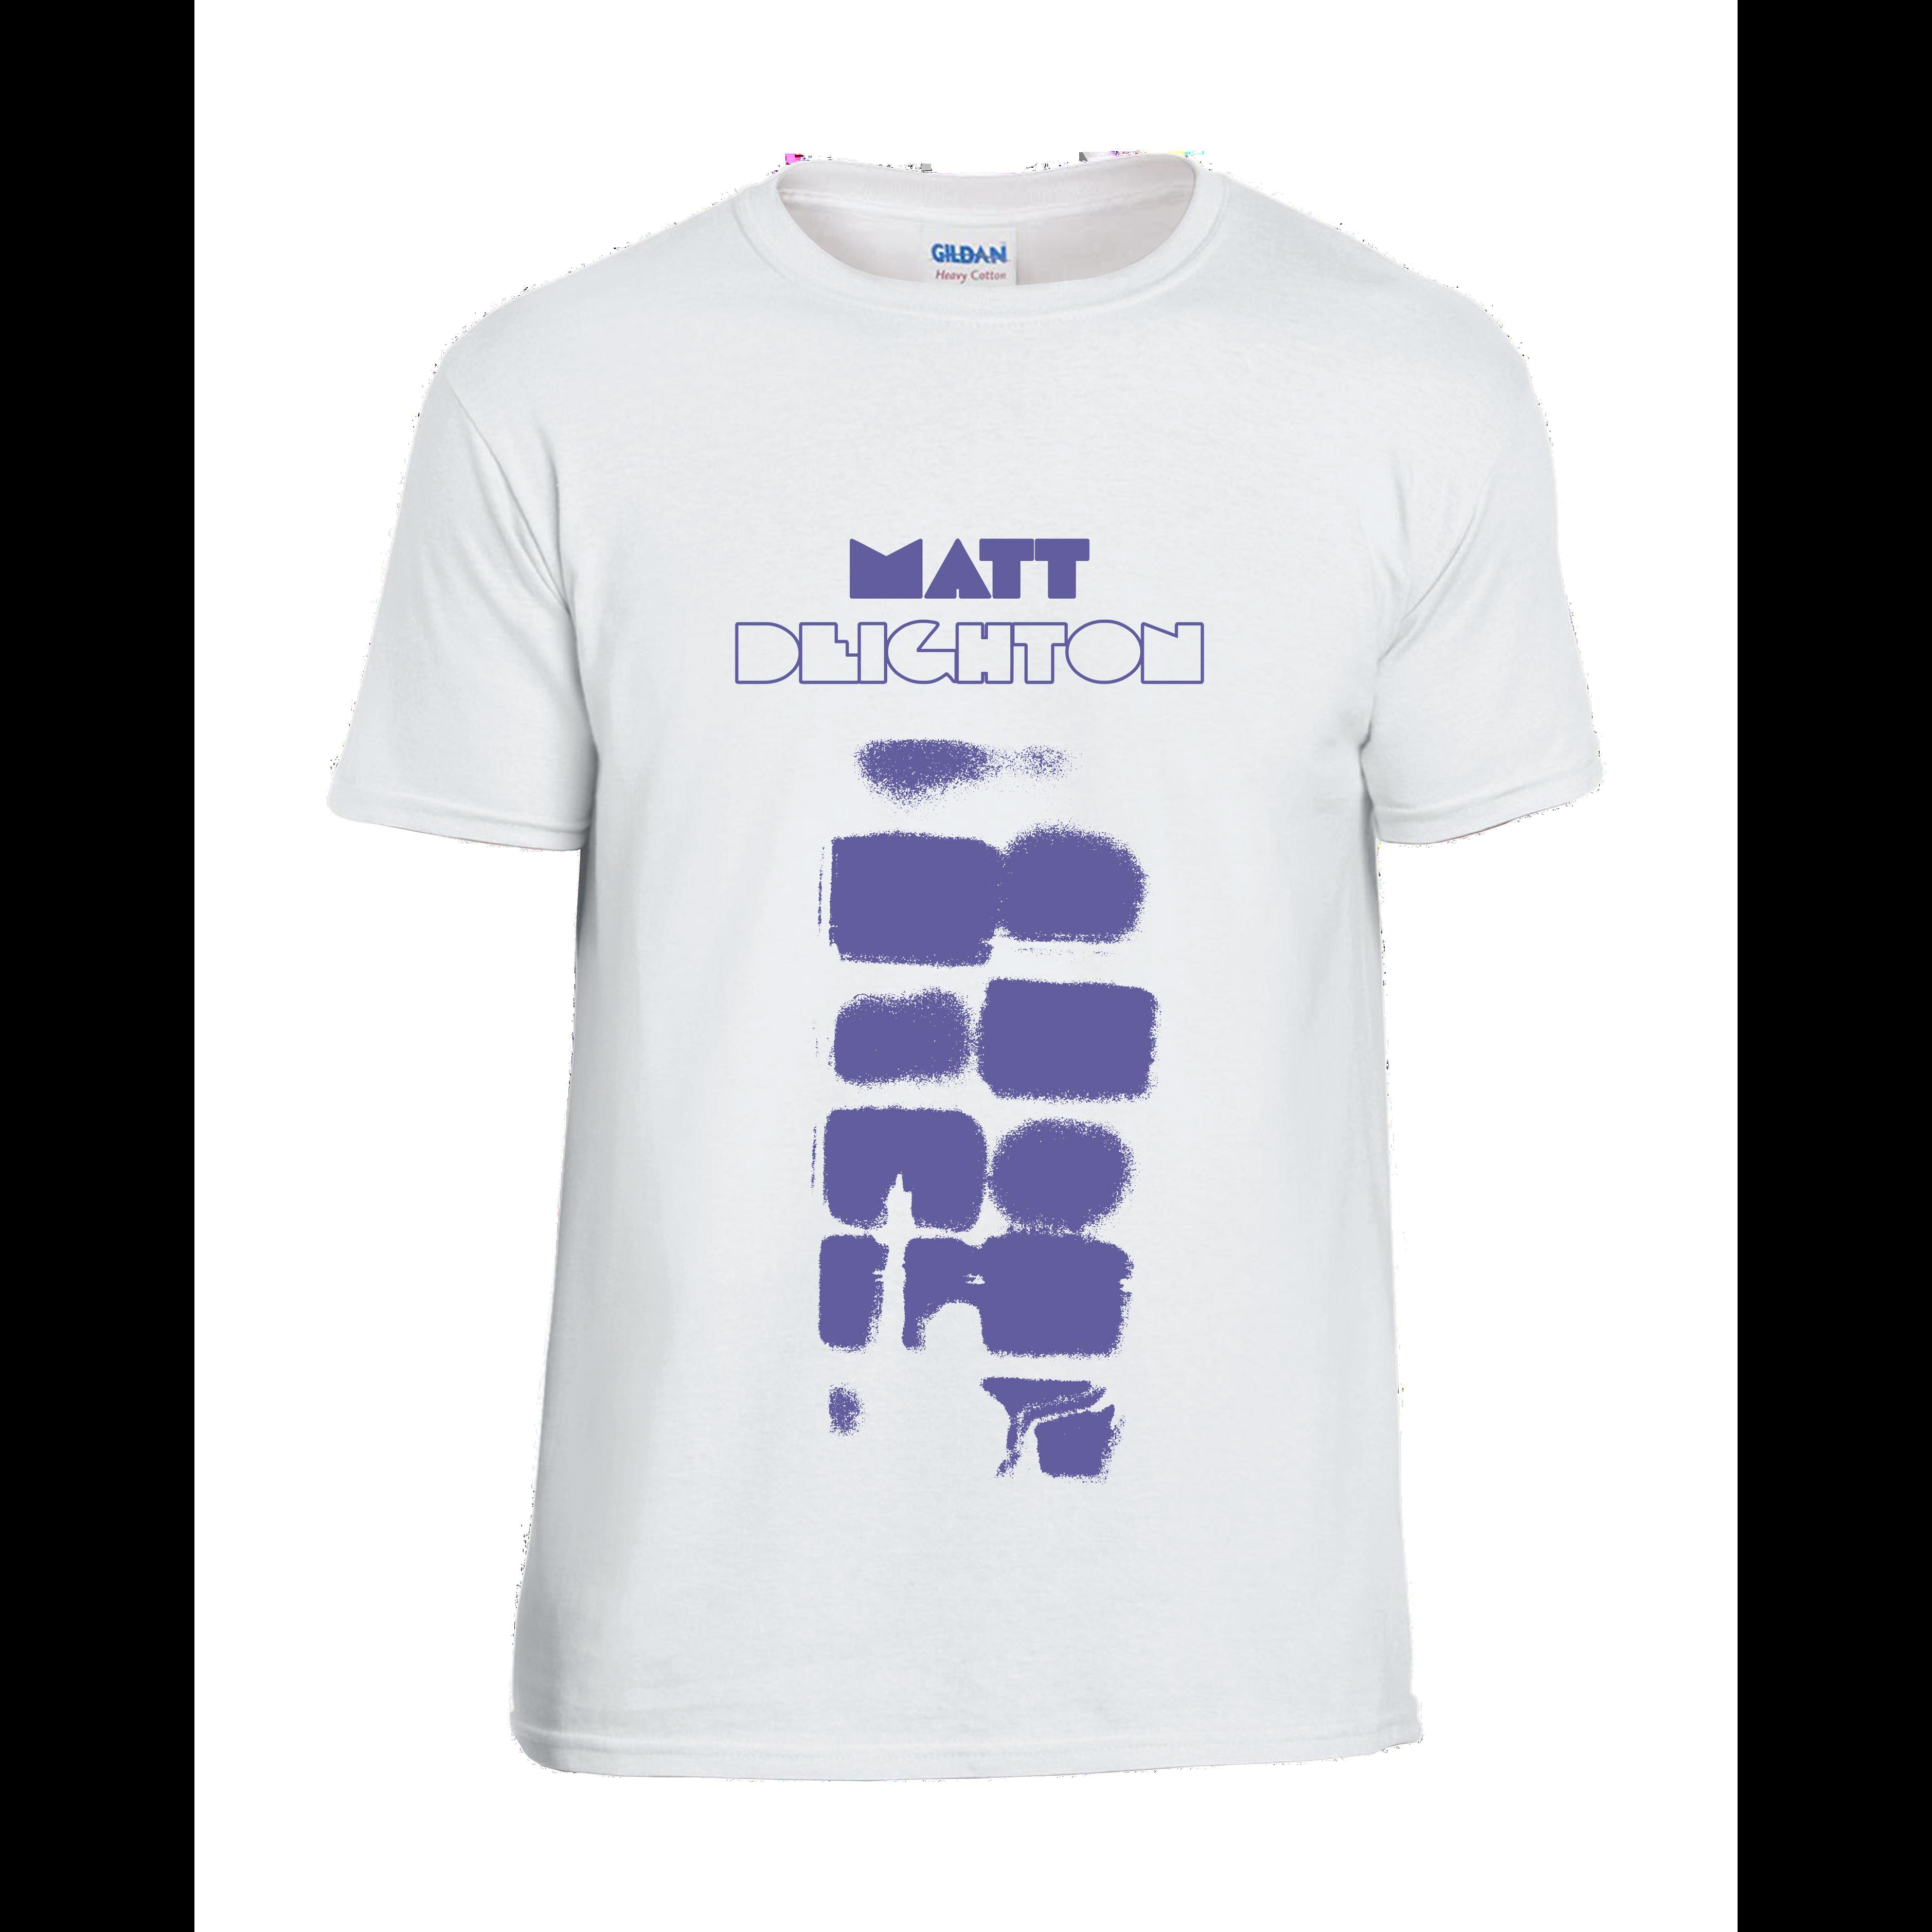 Buy Online Matt Deighton - White T-Shirt